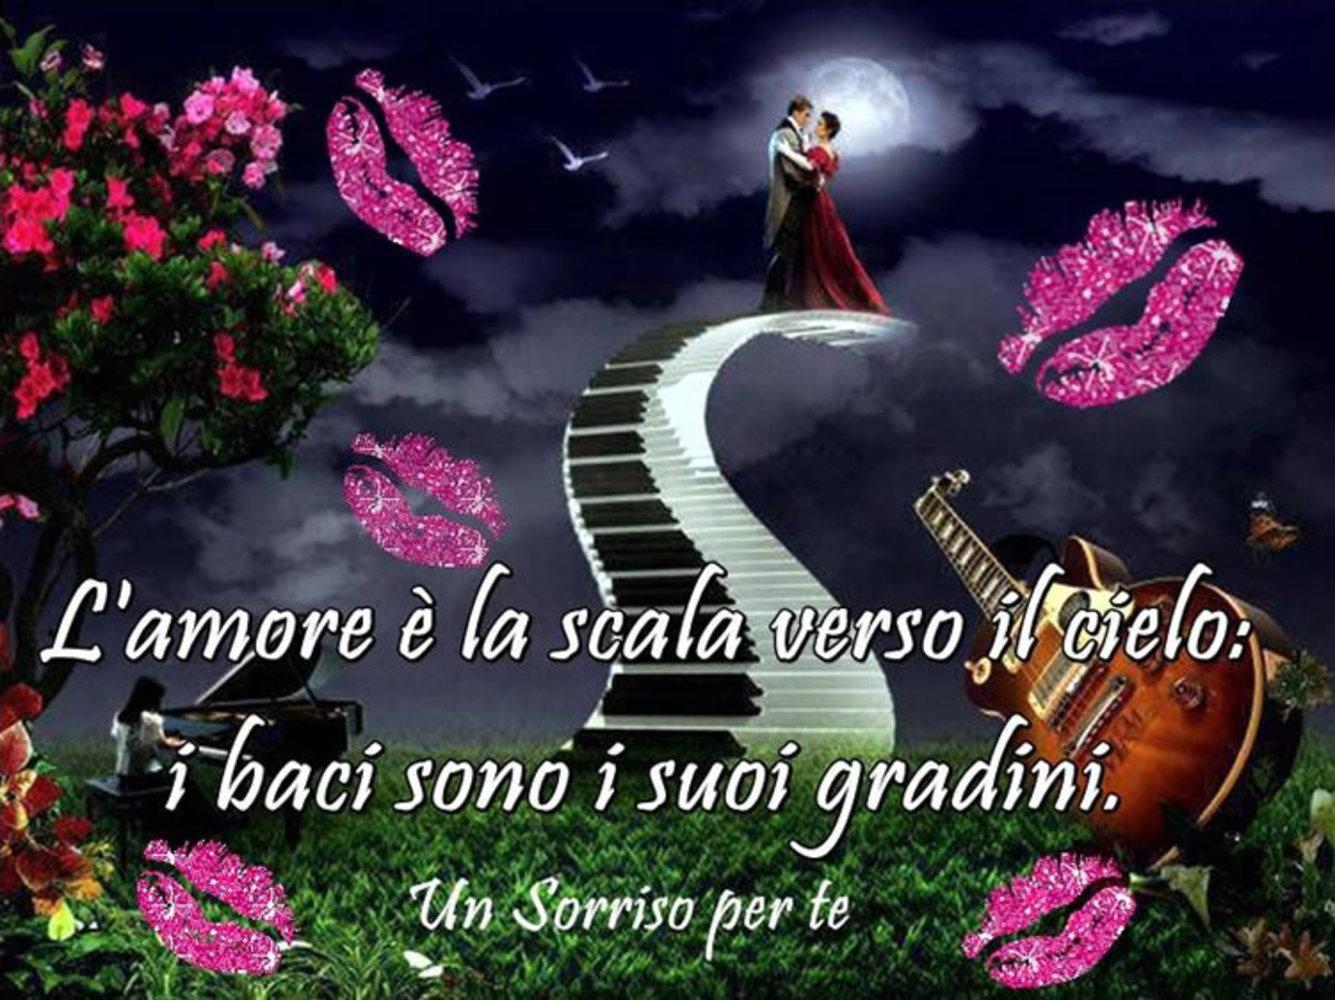 Frasi-sull-amore-02